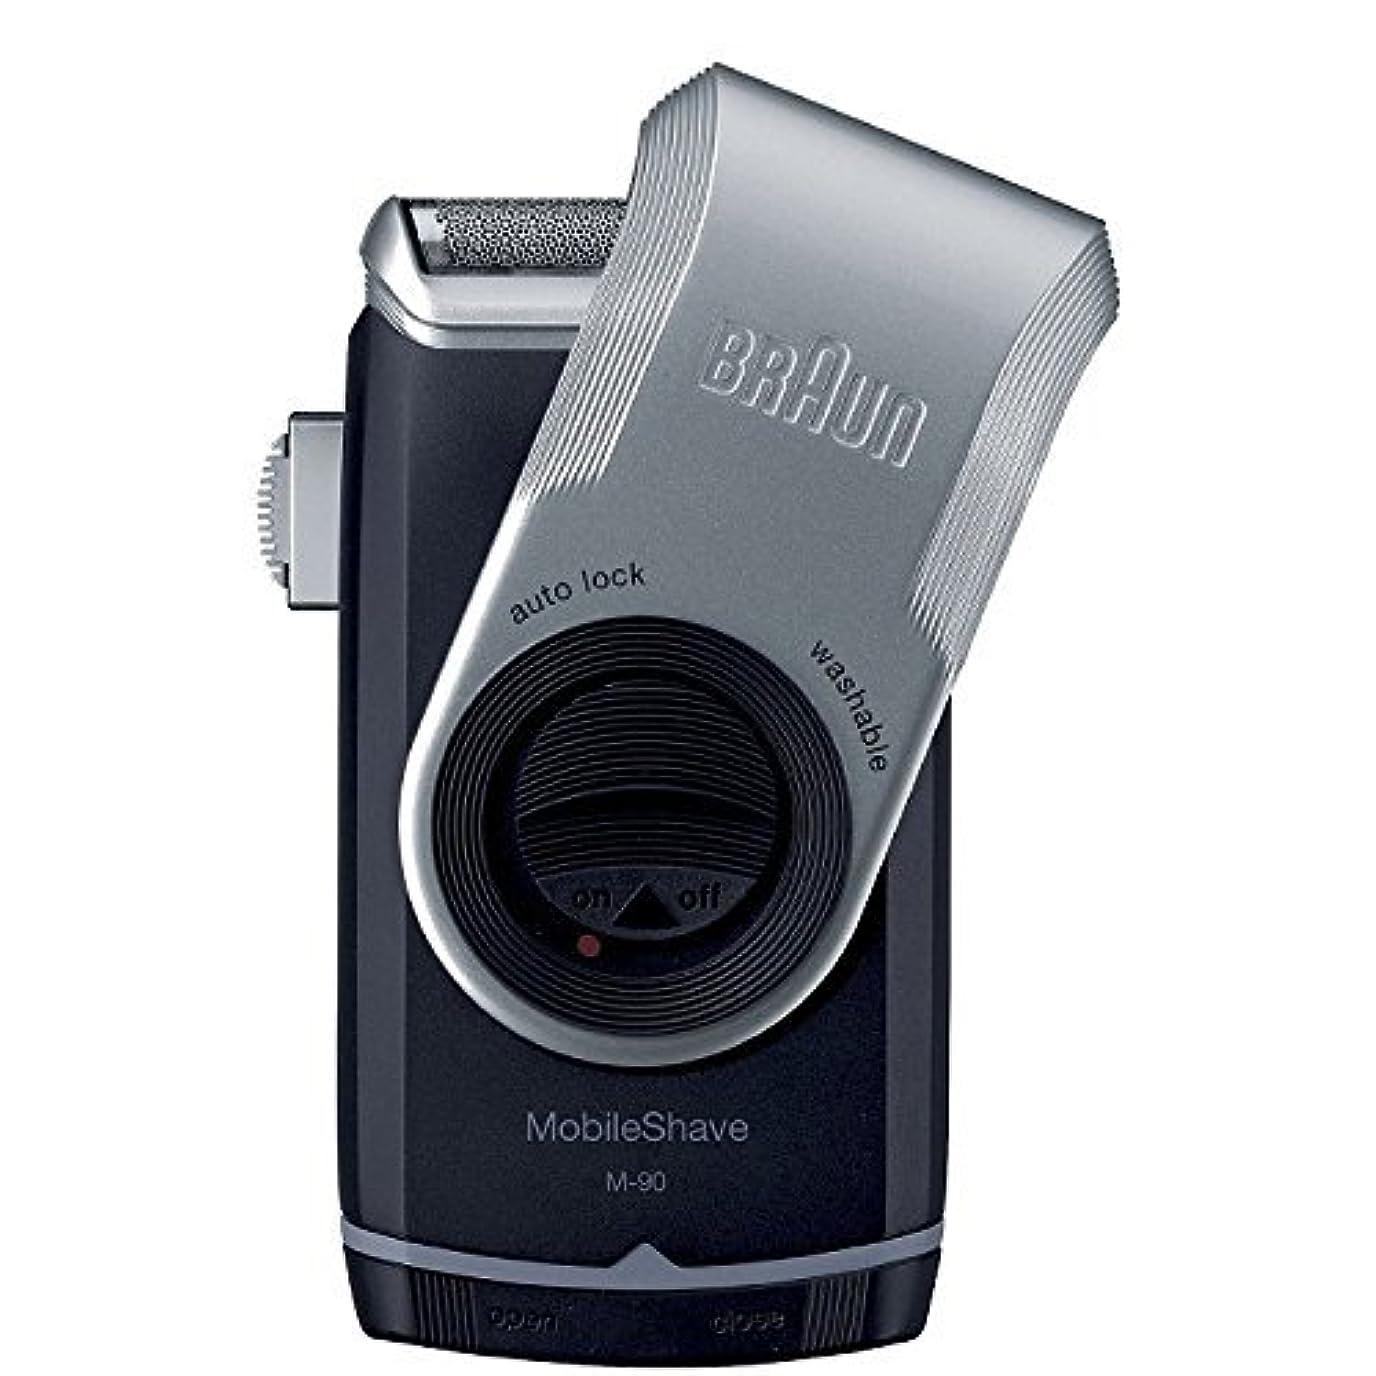 大宇宙雪反応するBraun M90 Pocketgo Mobileshave スマートホイルでポータブルシェーバー [並行輸入品]